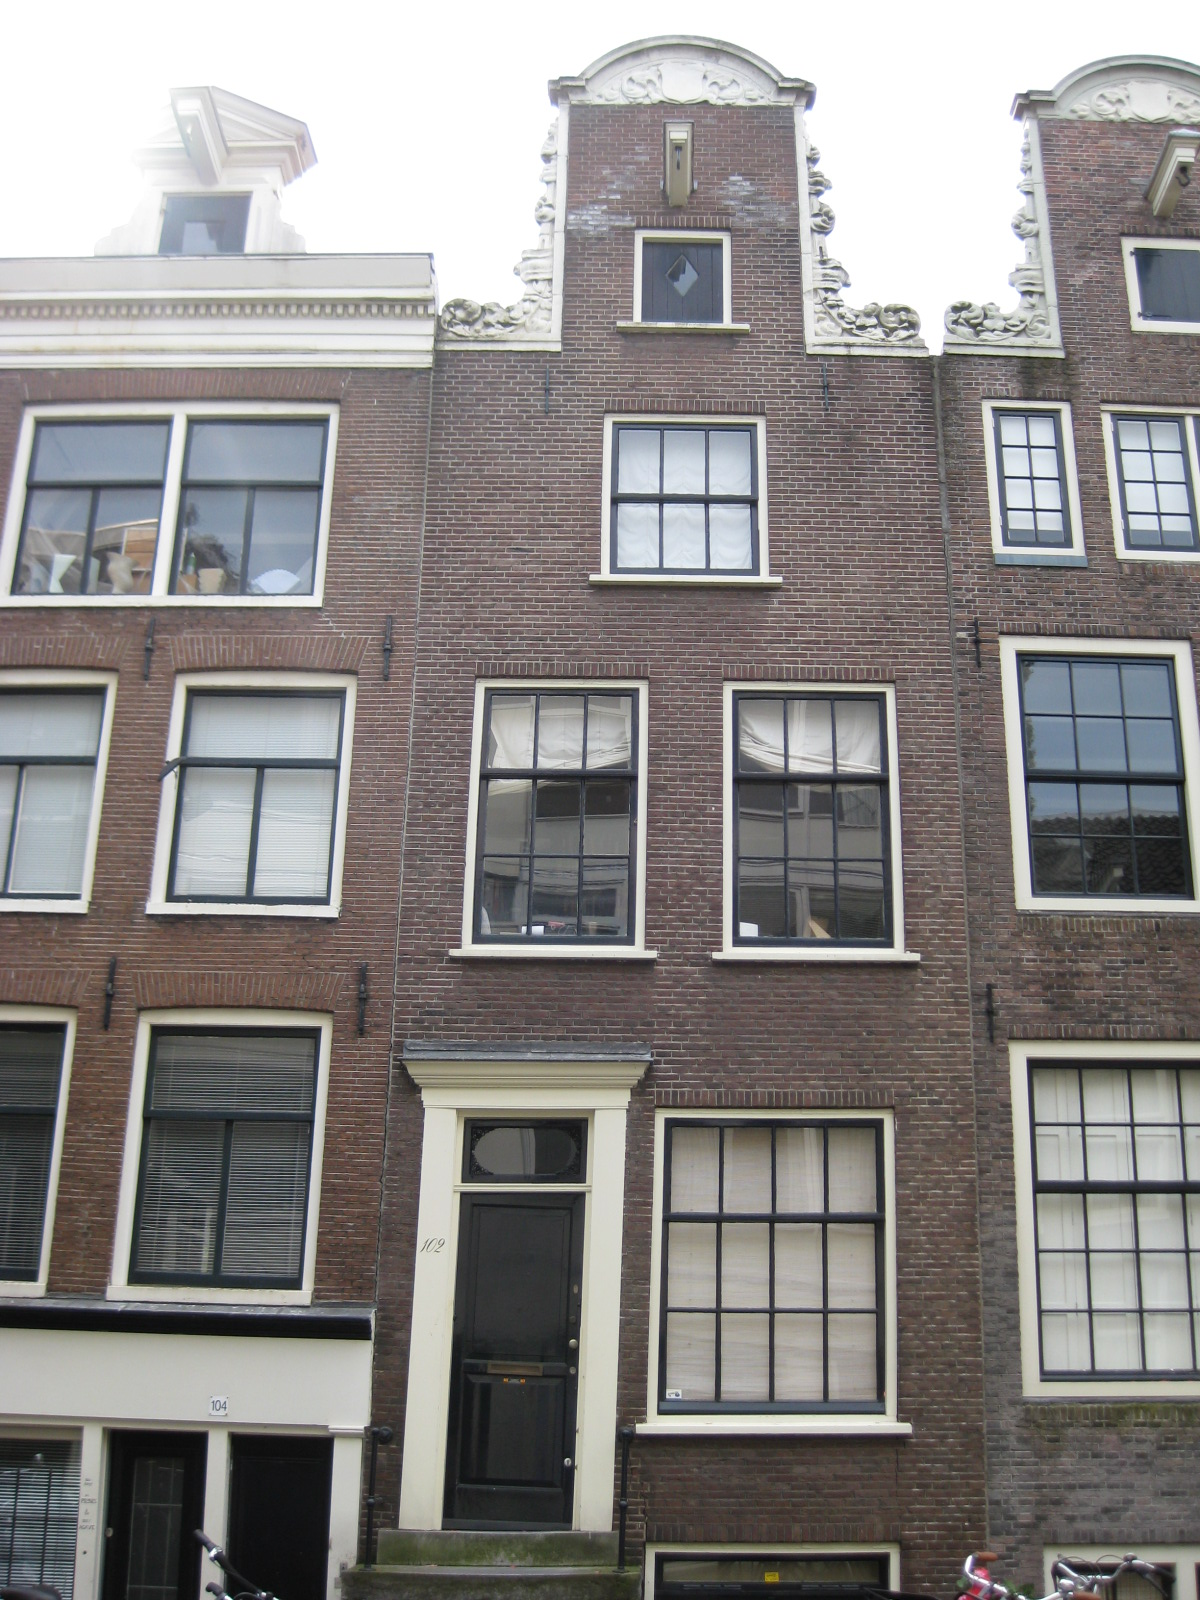 Huis met herbouwde gevel onder de oude hals in amsterdam monument - Huis gevel ...